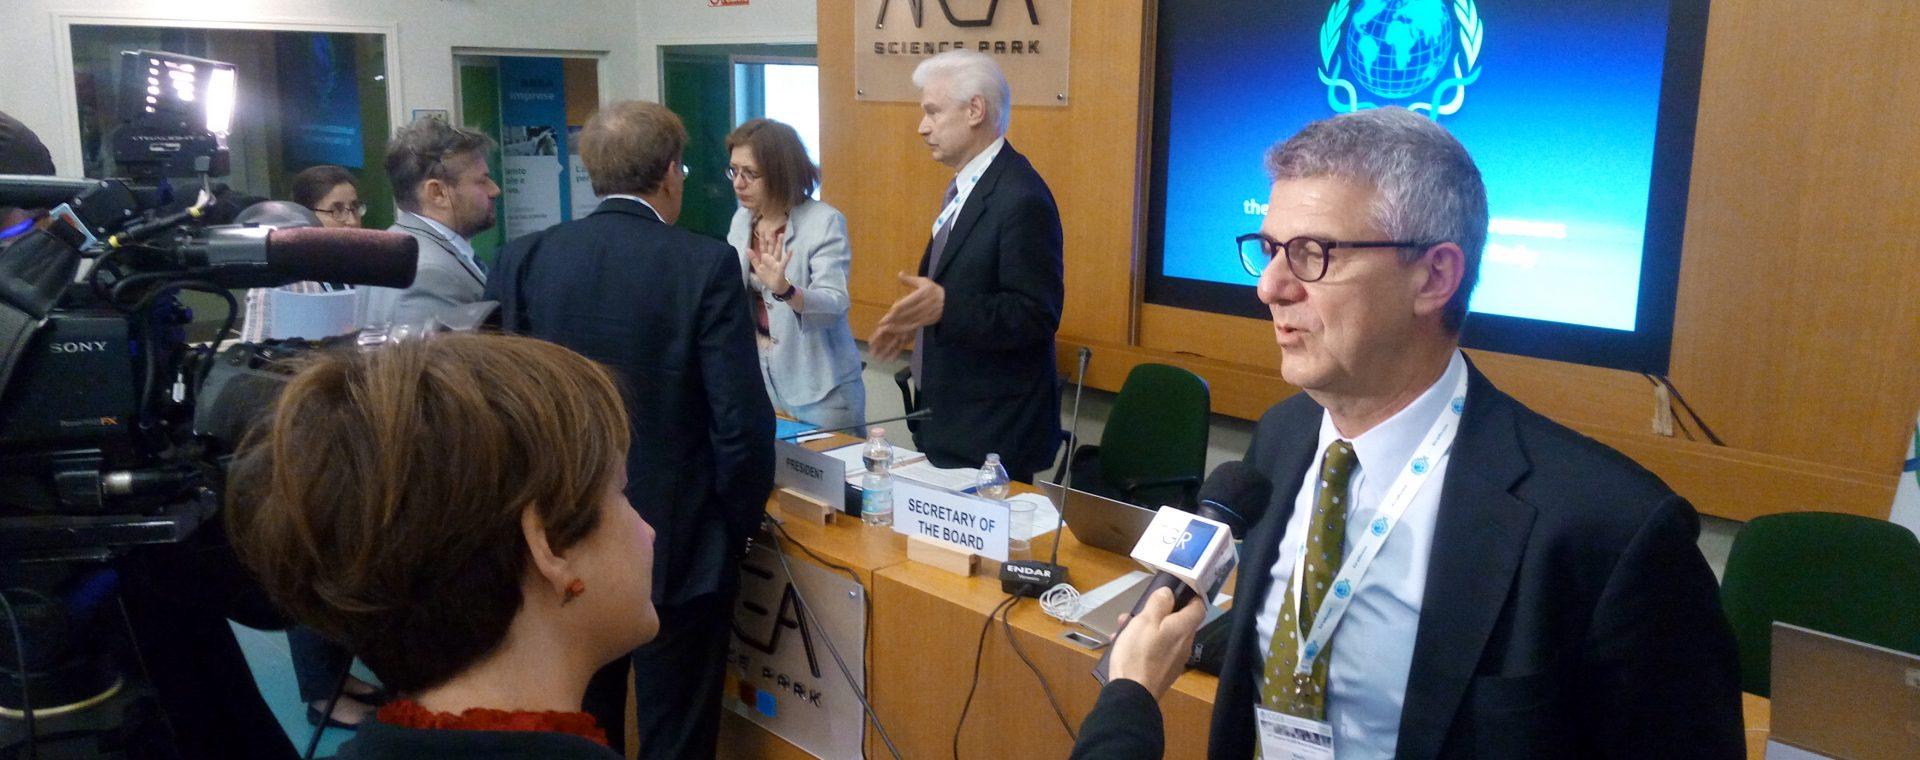 L'ICGEB avrà due nuove sedi in Cina e a Panama